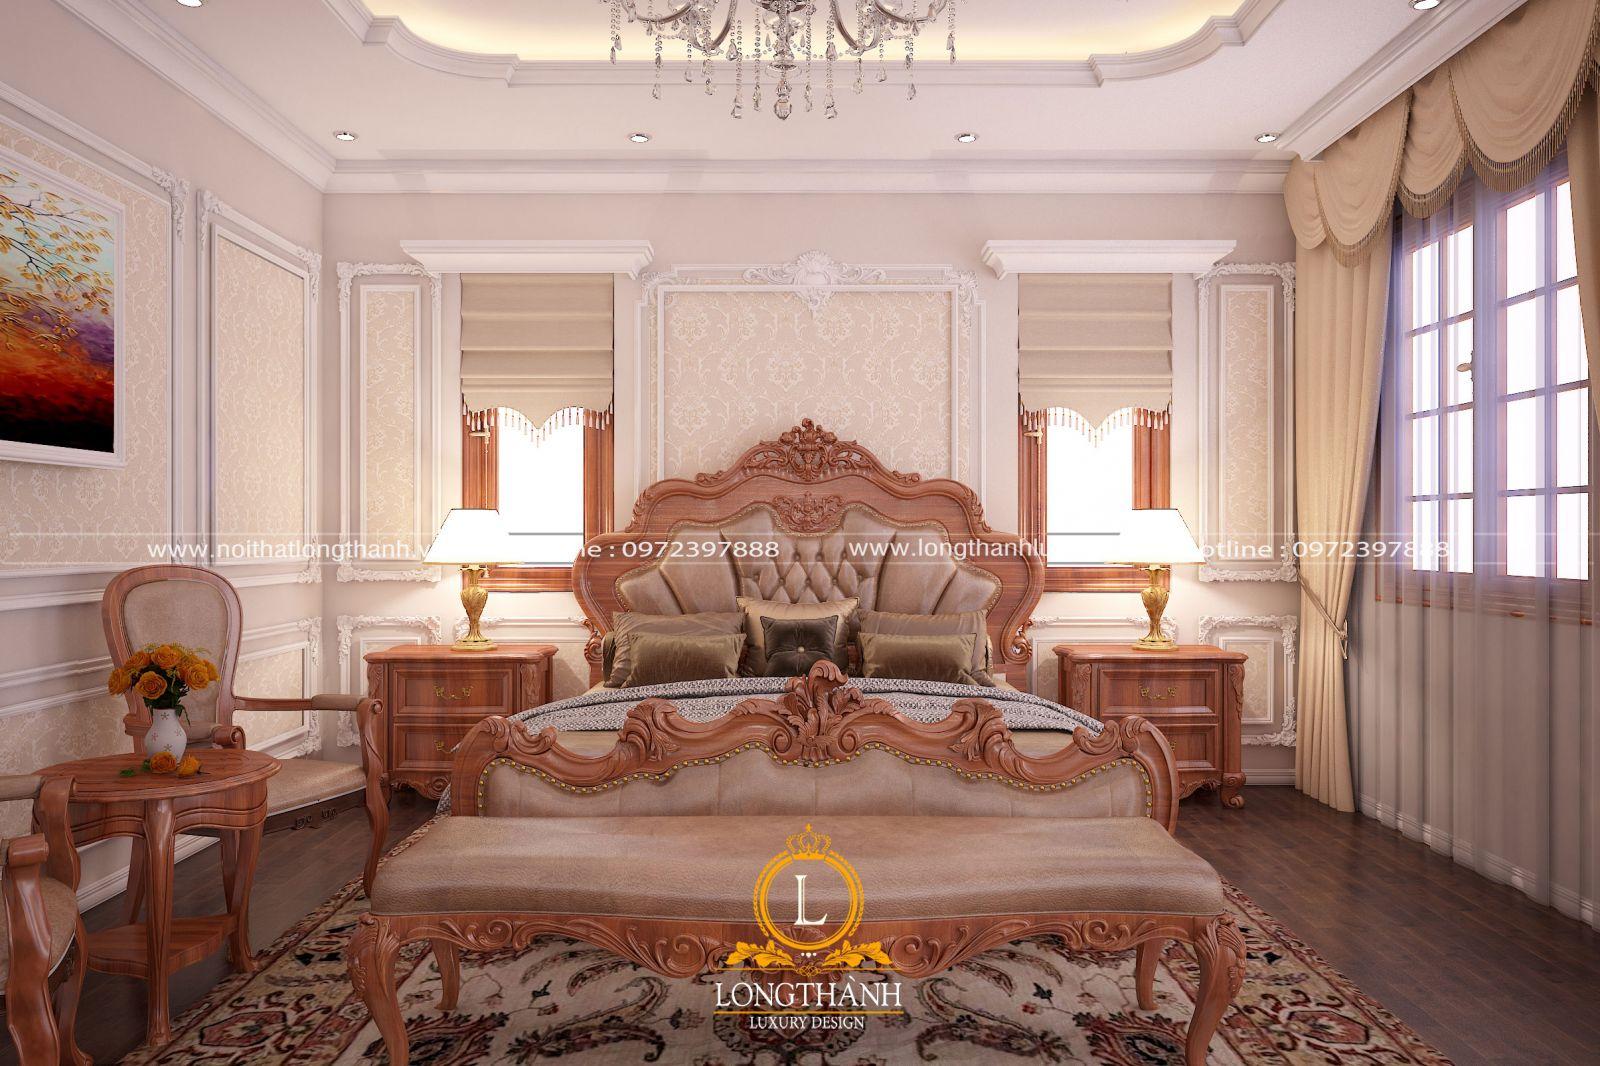 35 + mẫu phòng ngủ cao cấp cho biệt thự tân cổ điển